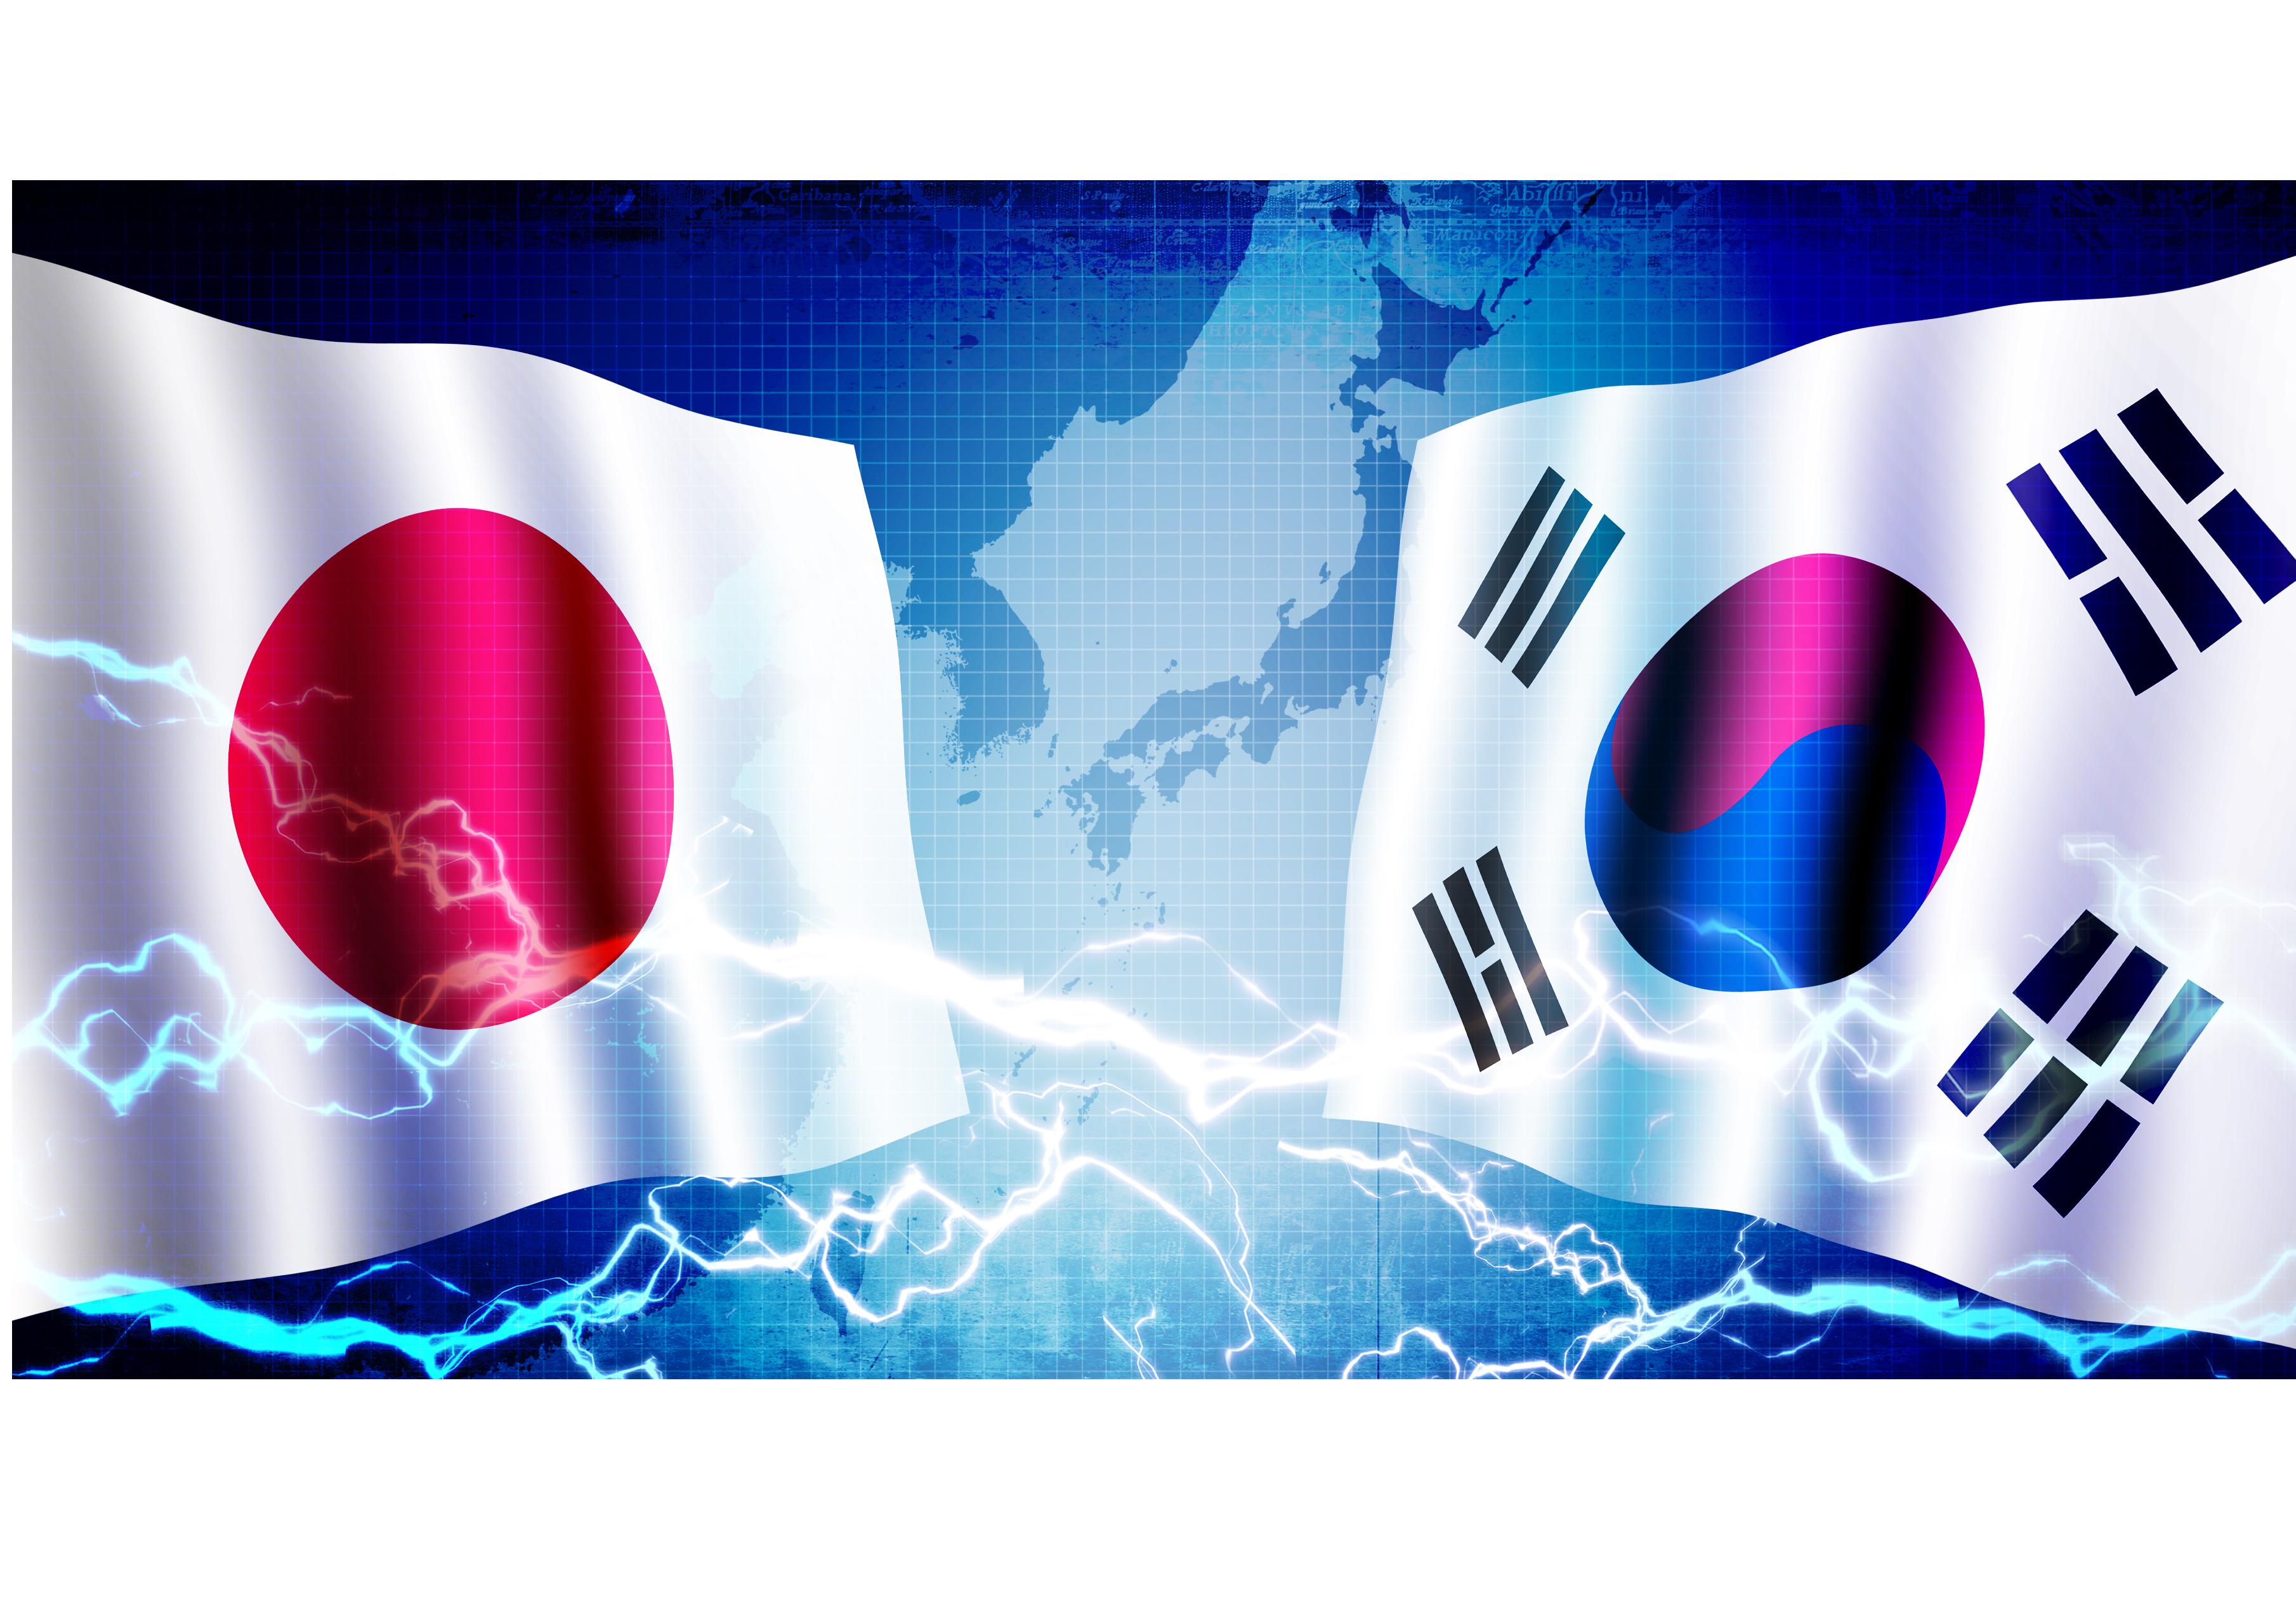 韓国、日本に元徴用工への賠償求める財団設立…文政権の異常な反日政策 ...